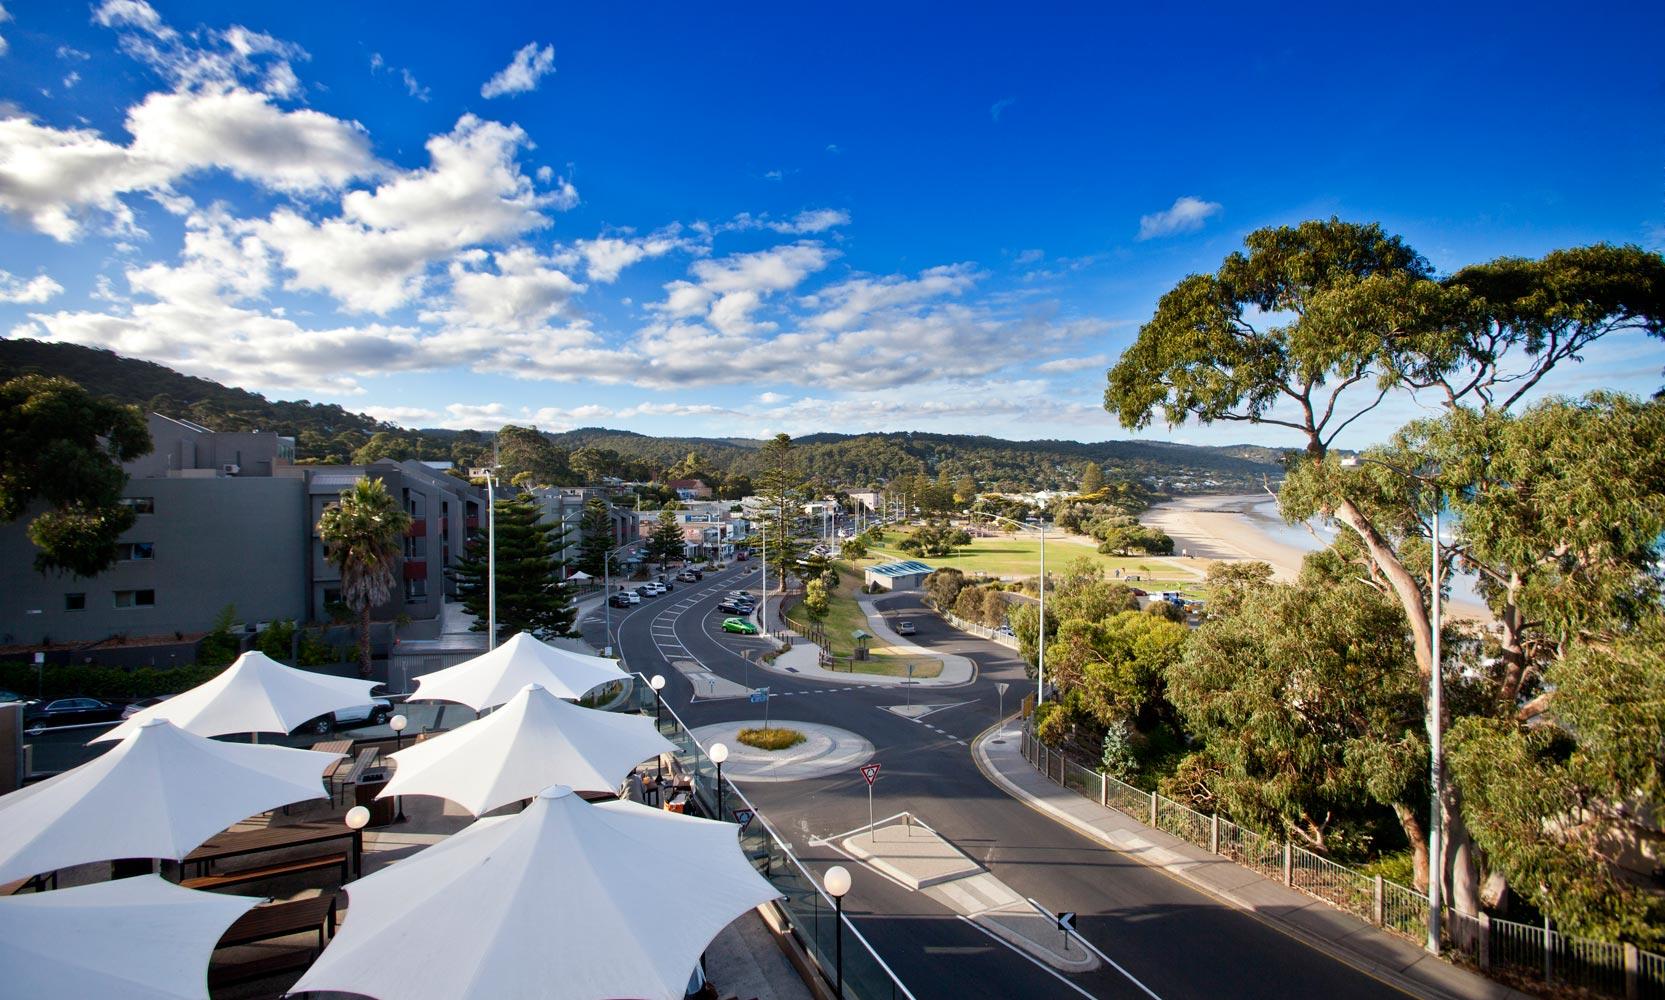 墨尔本大洋路---澳洲最美的公路